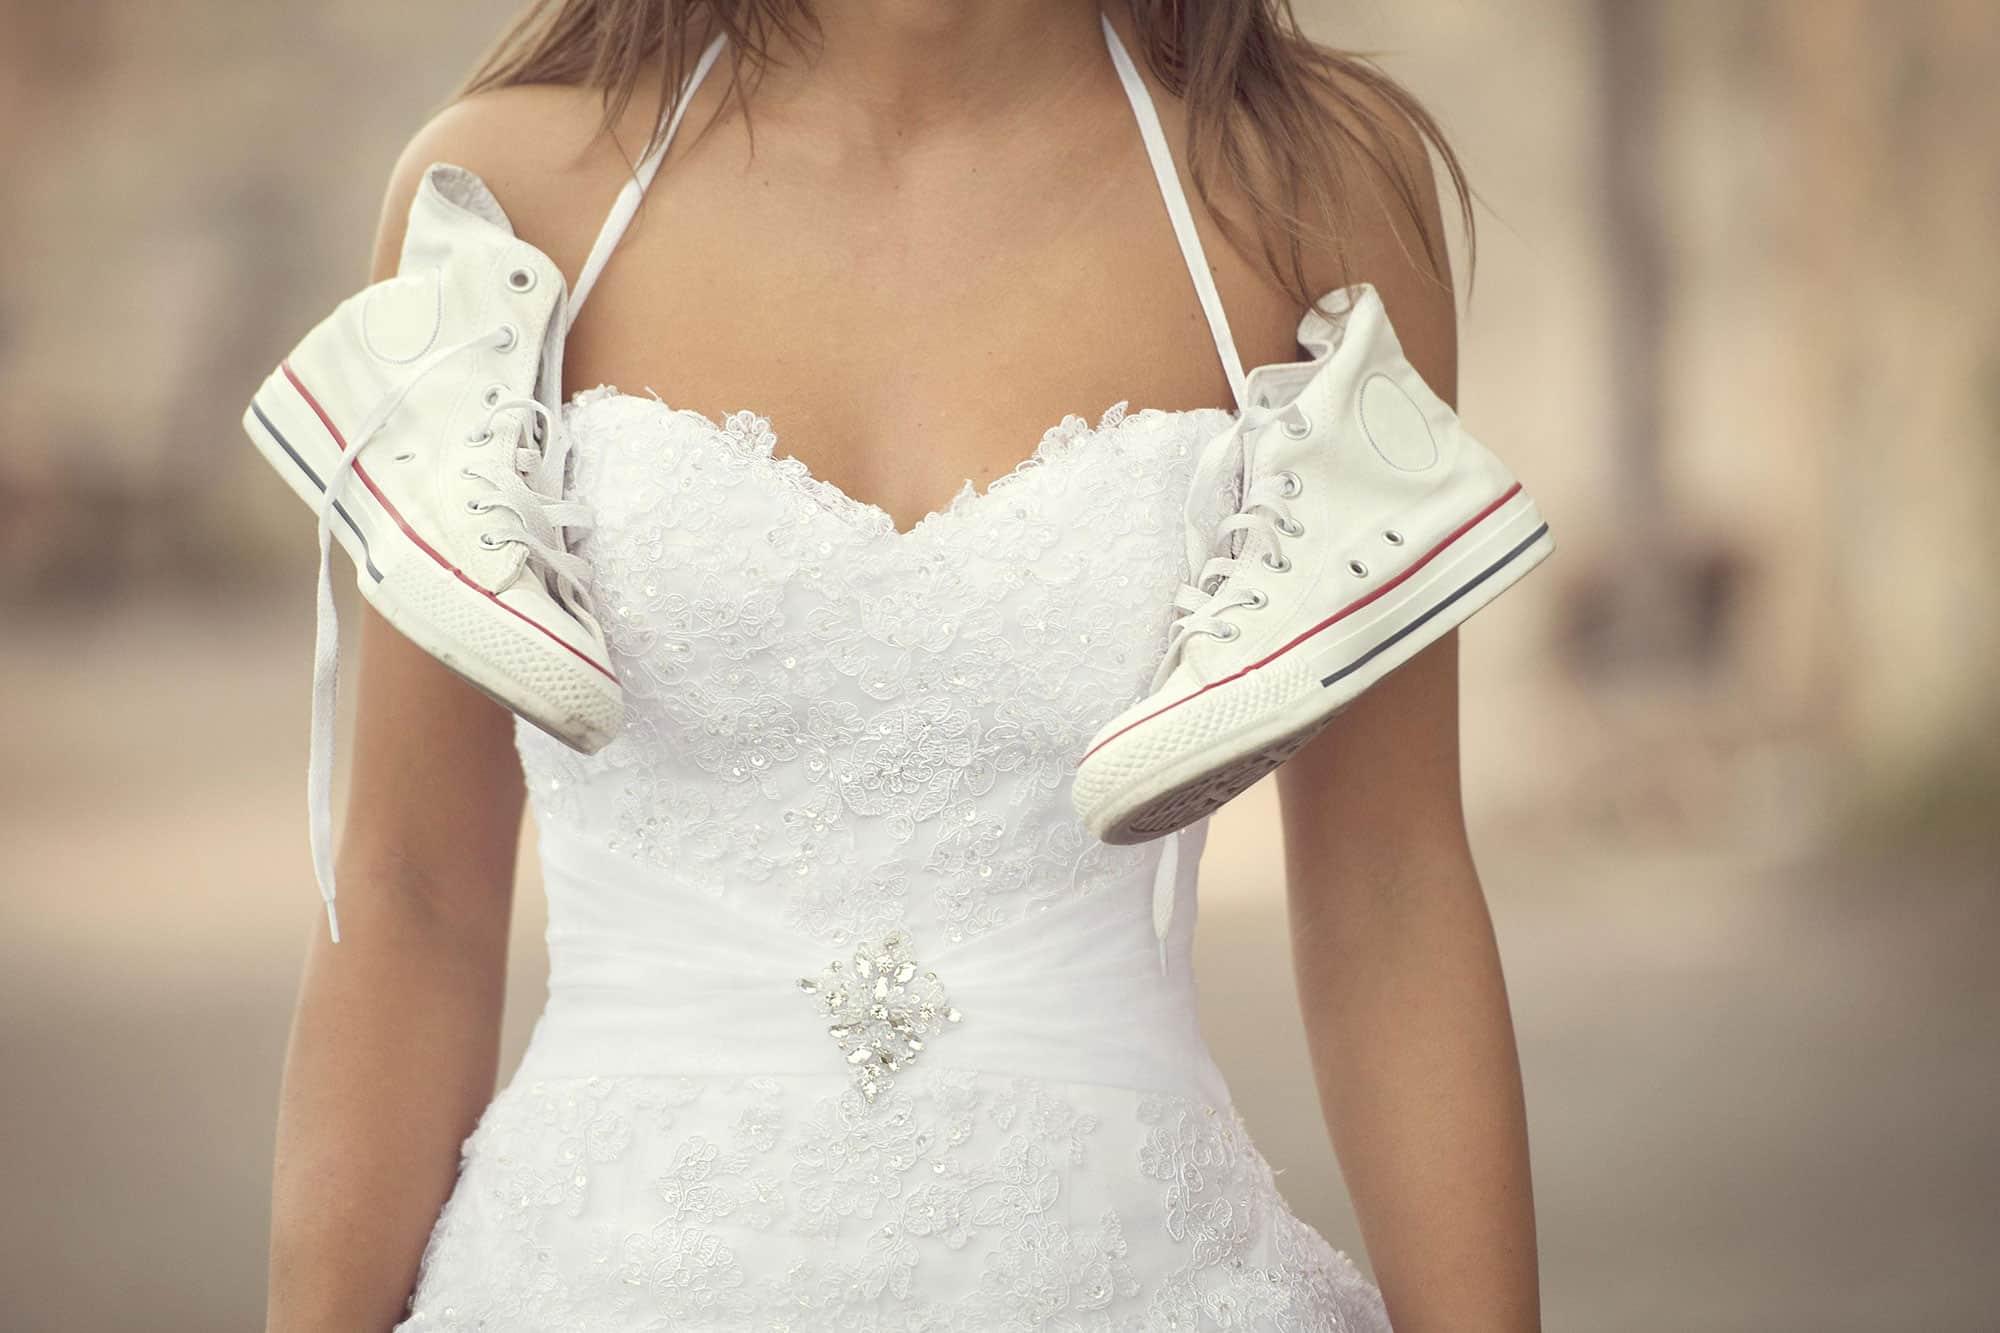 Gelin Ayakkabısı Seçerken Nelere Dikkat Edilmeli